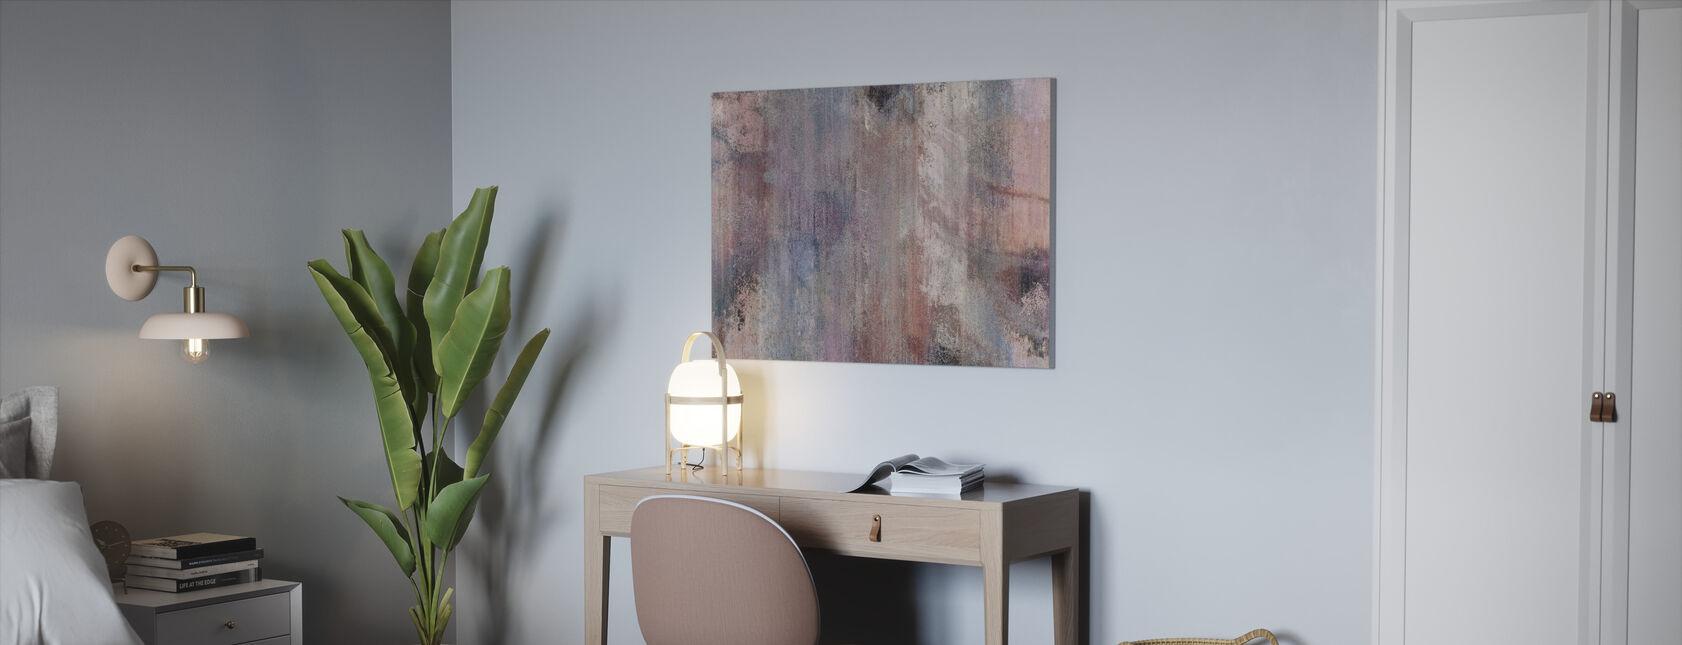 Rosa grå vegg - Lerretsbilde - Kontor